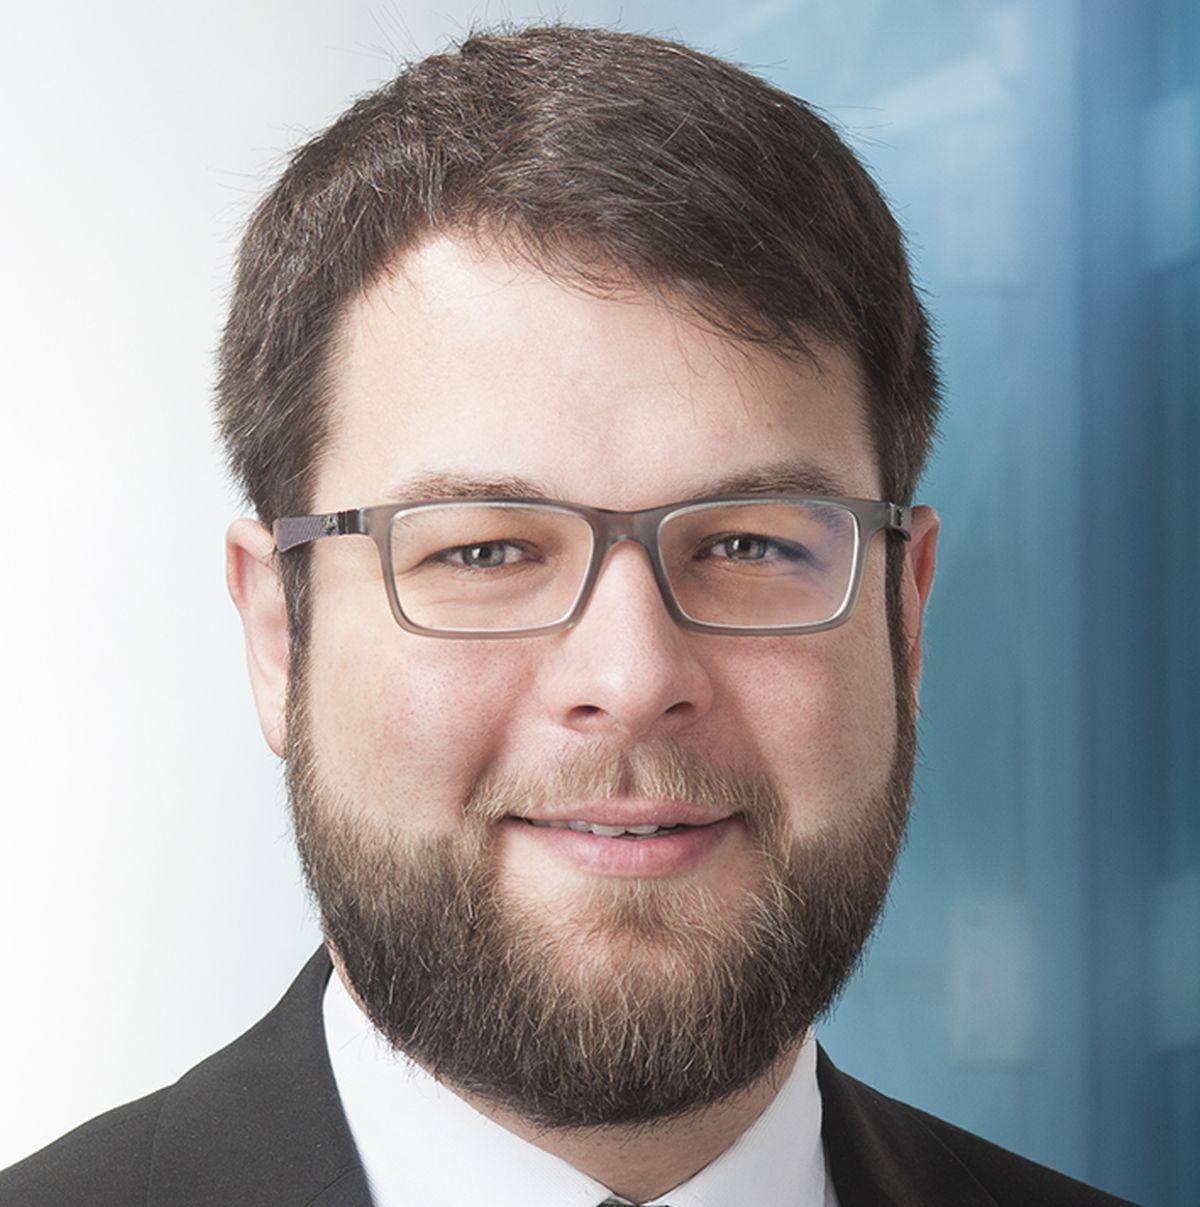 Con Nectde Calenberger Online News Volksbank Unter Neuer Leitung